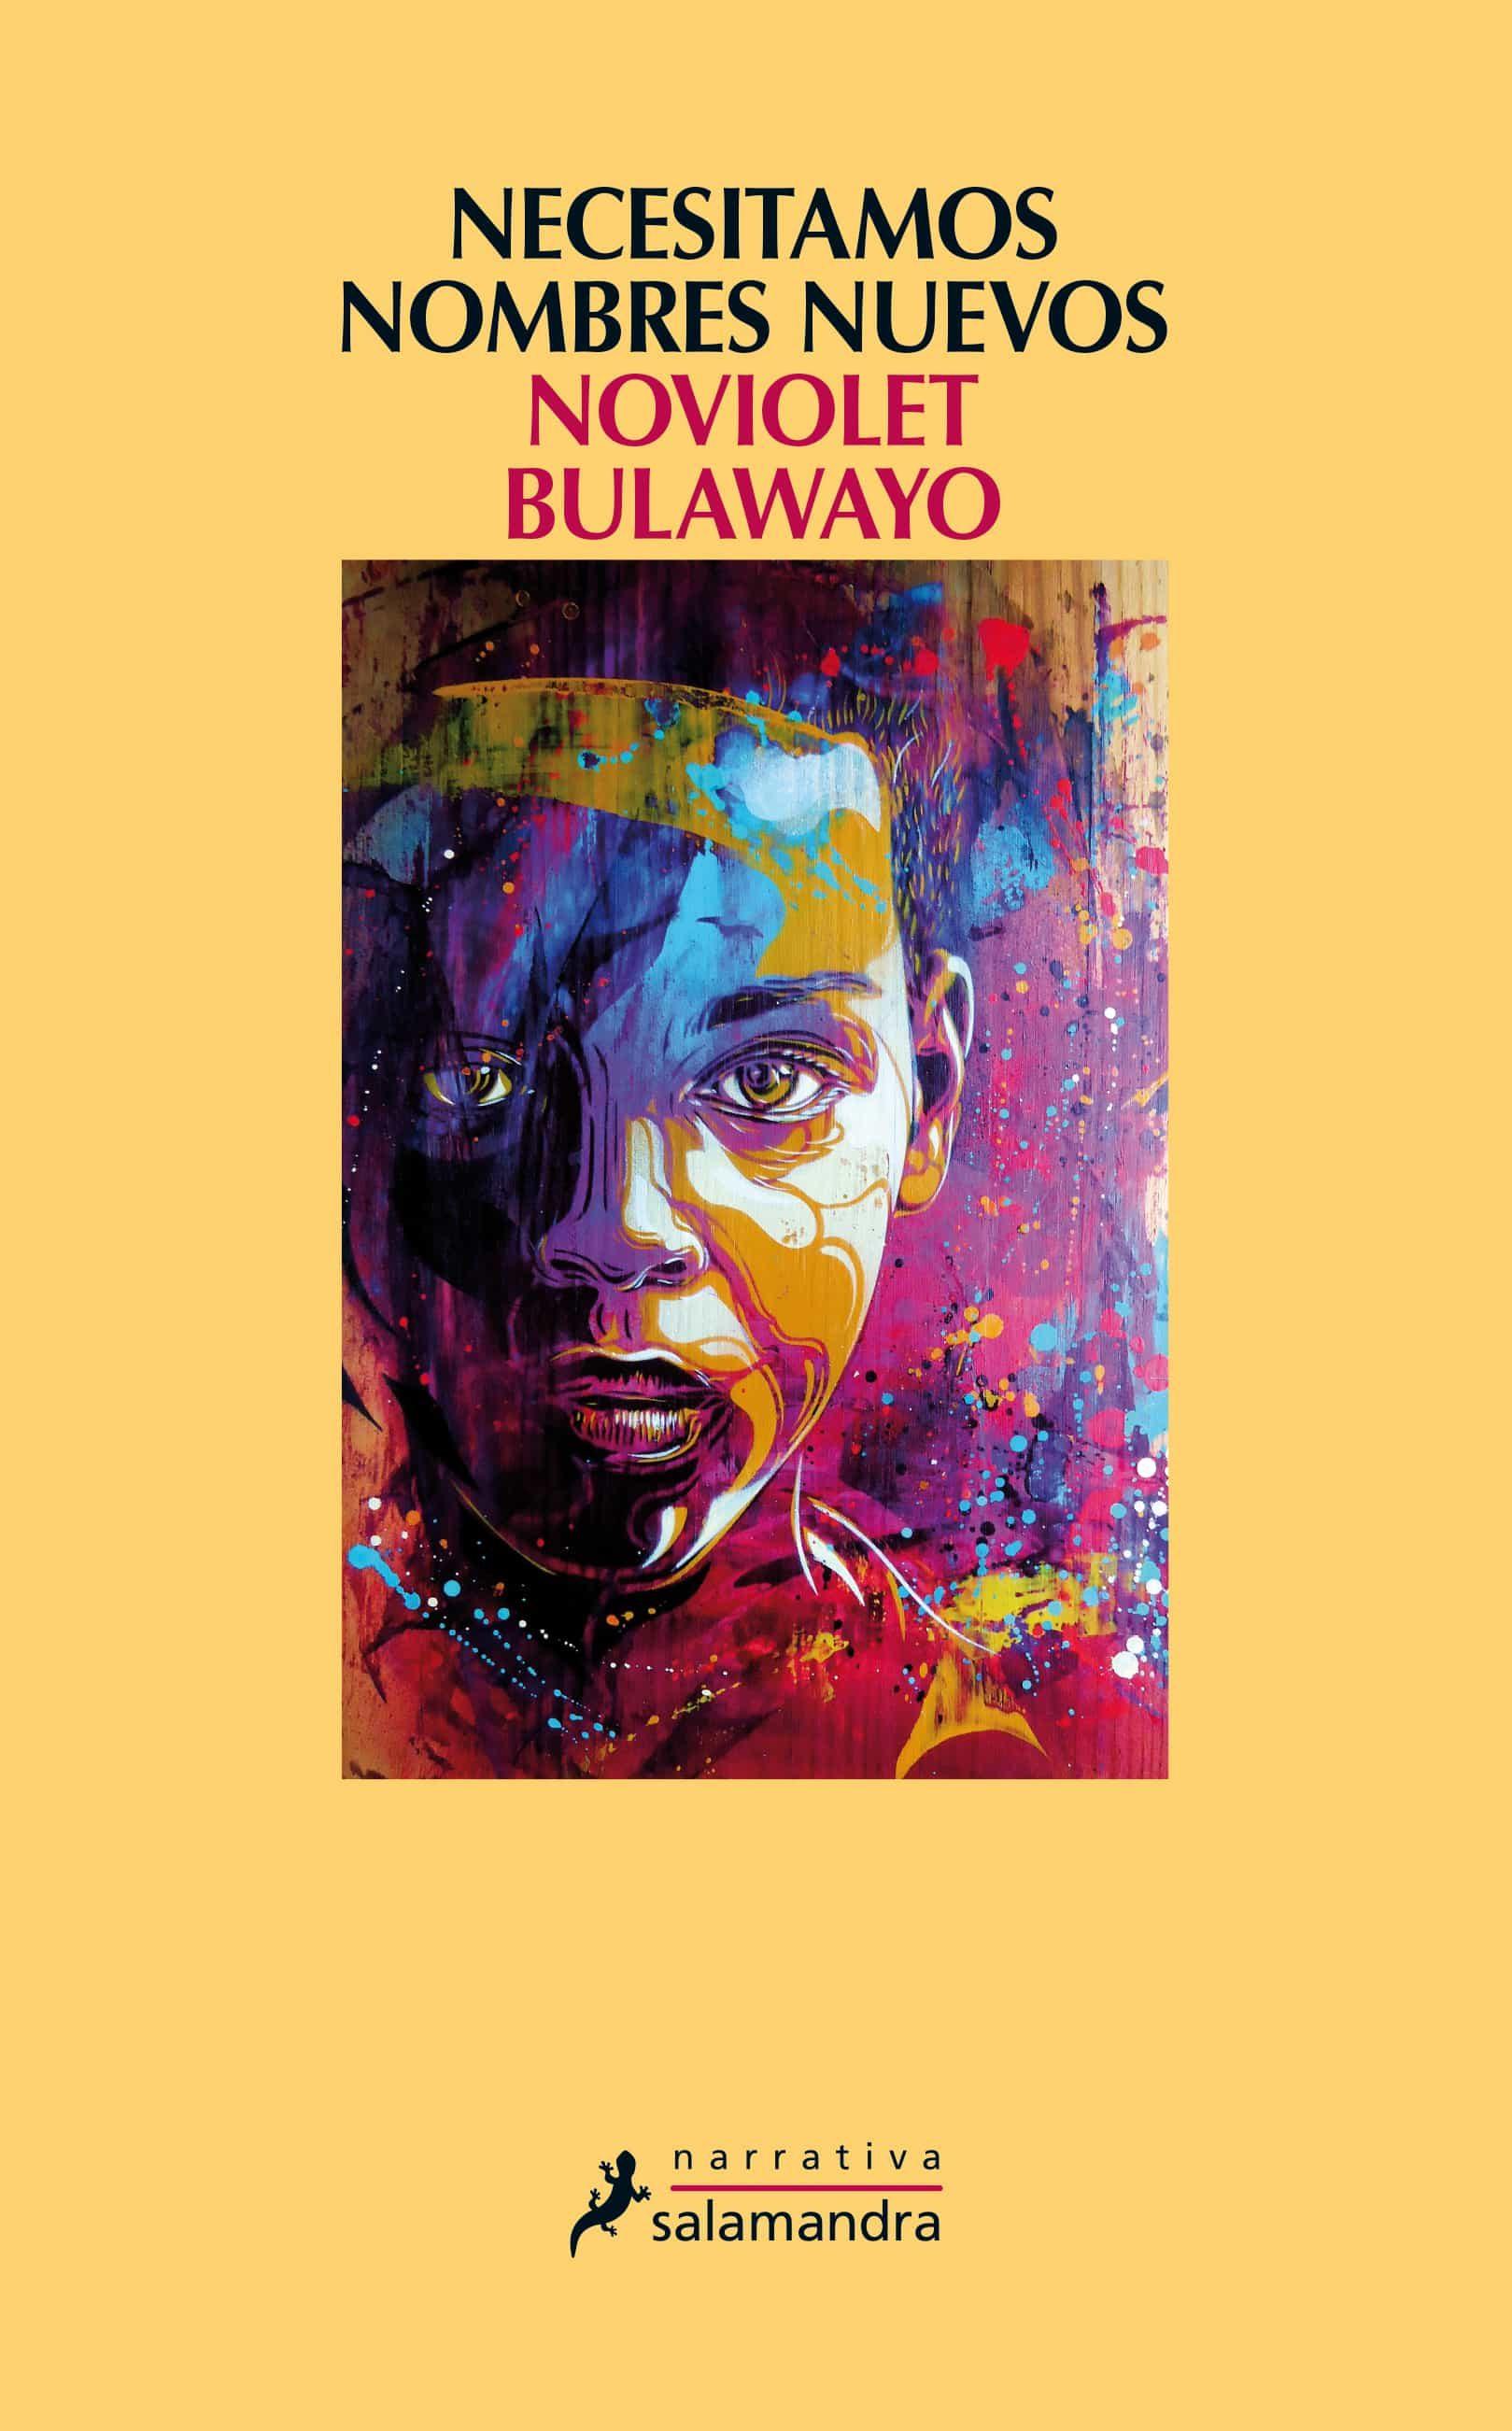 Necesitamos Nombres Nuevos por Noviolet Bulawayo